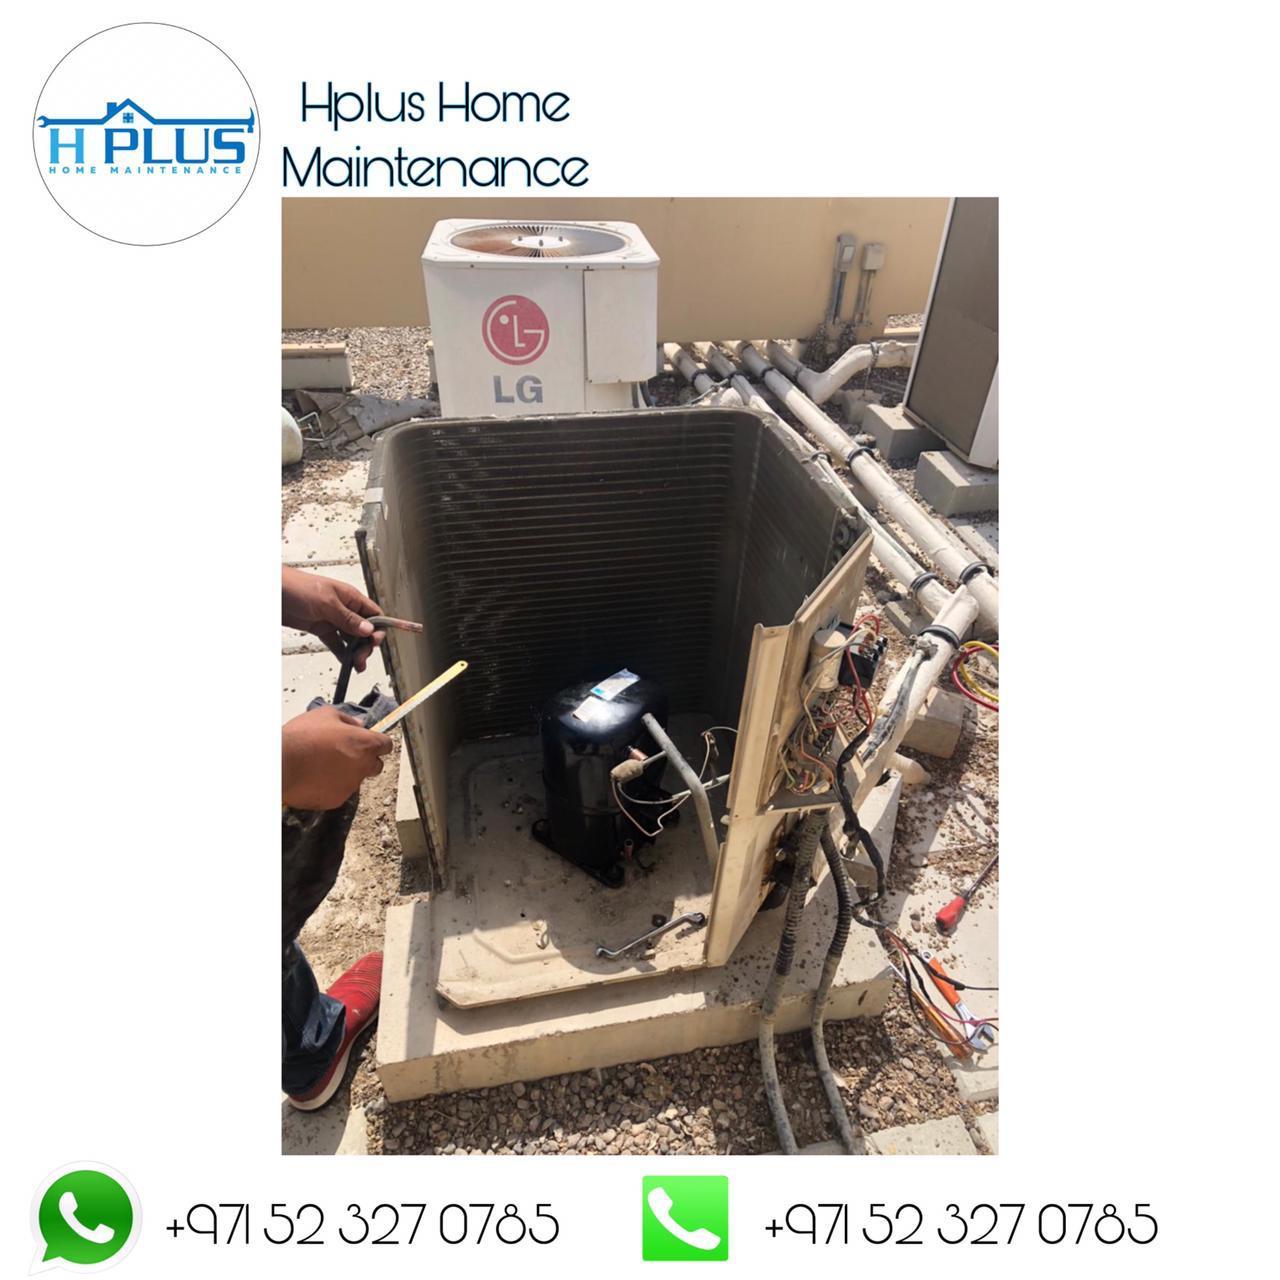 WhatsApp Image 2021-03-12 at 7.06.42 PM (3).jpeg